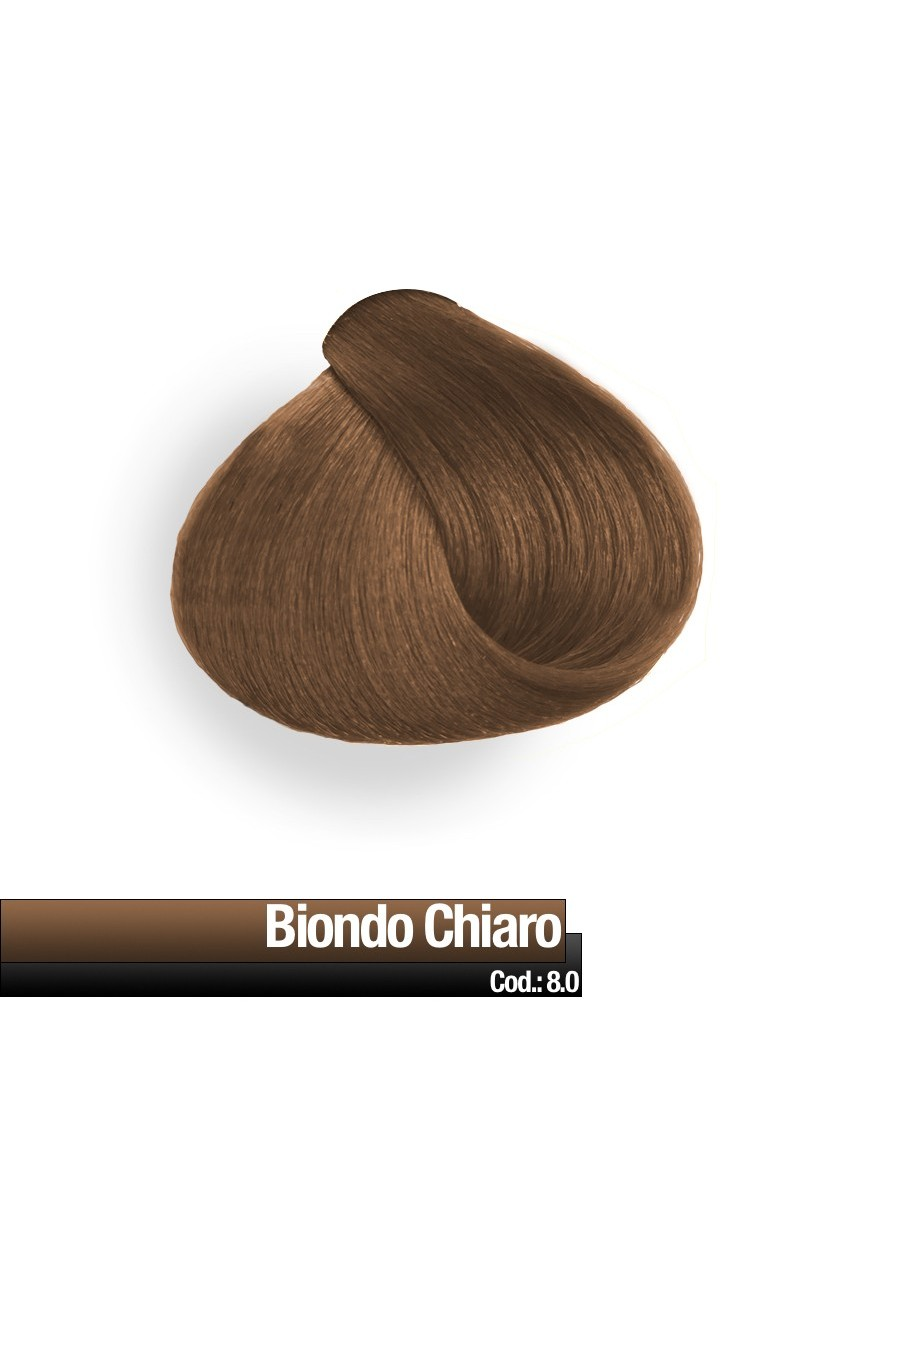 CREMA COLORE 8.0 BIONDO CHIARO RR